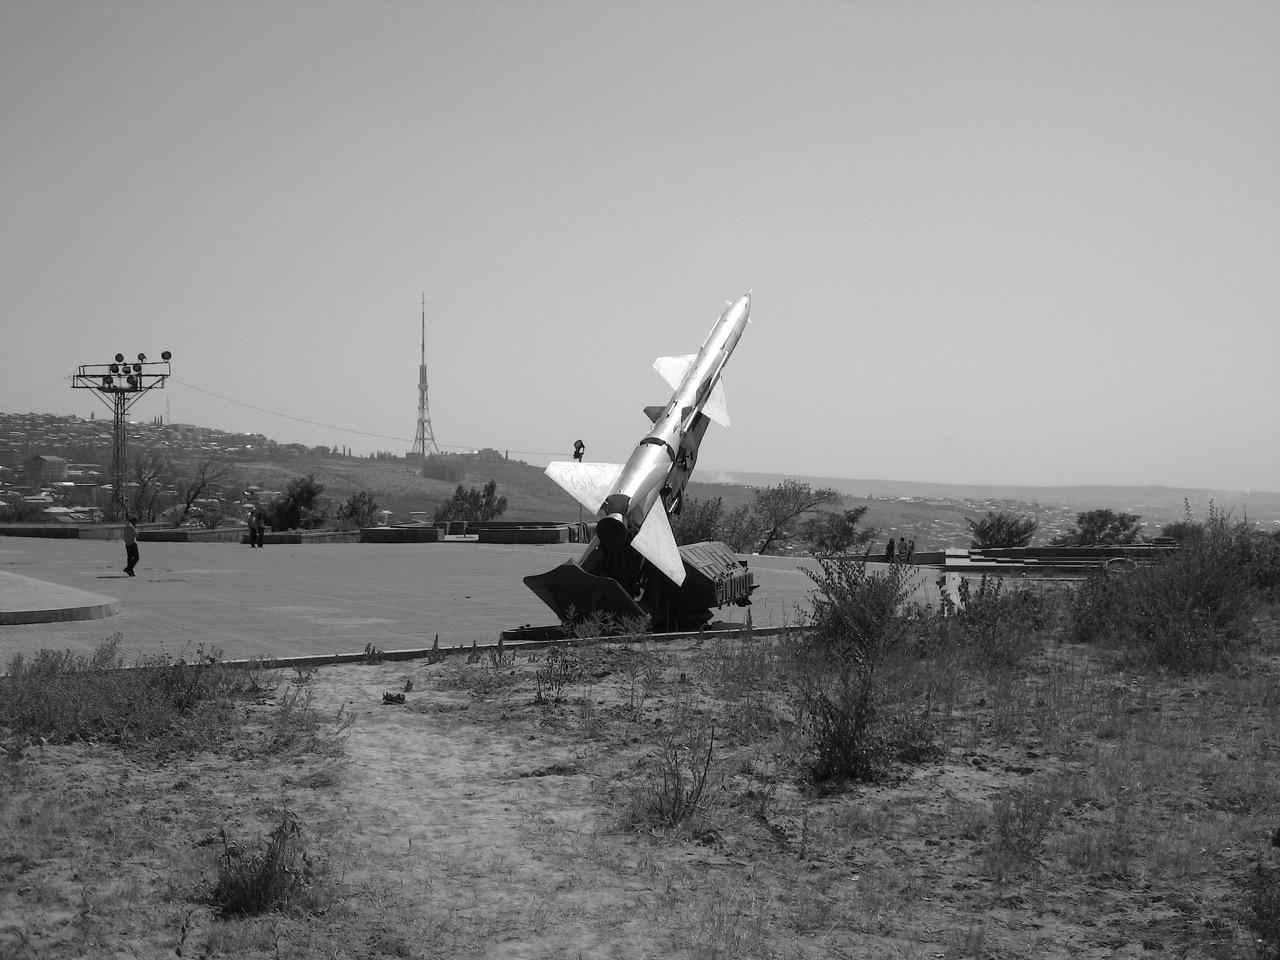 Foto: Rakete. Aus: Eriwan. Kapitel 5. Aufzeichnungen aus Armenien von Marc Degens.